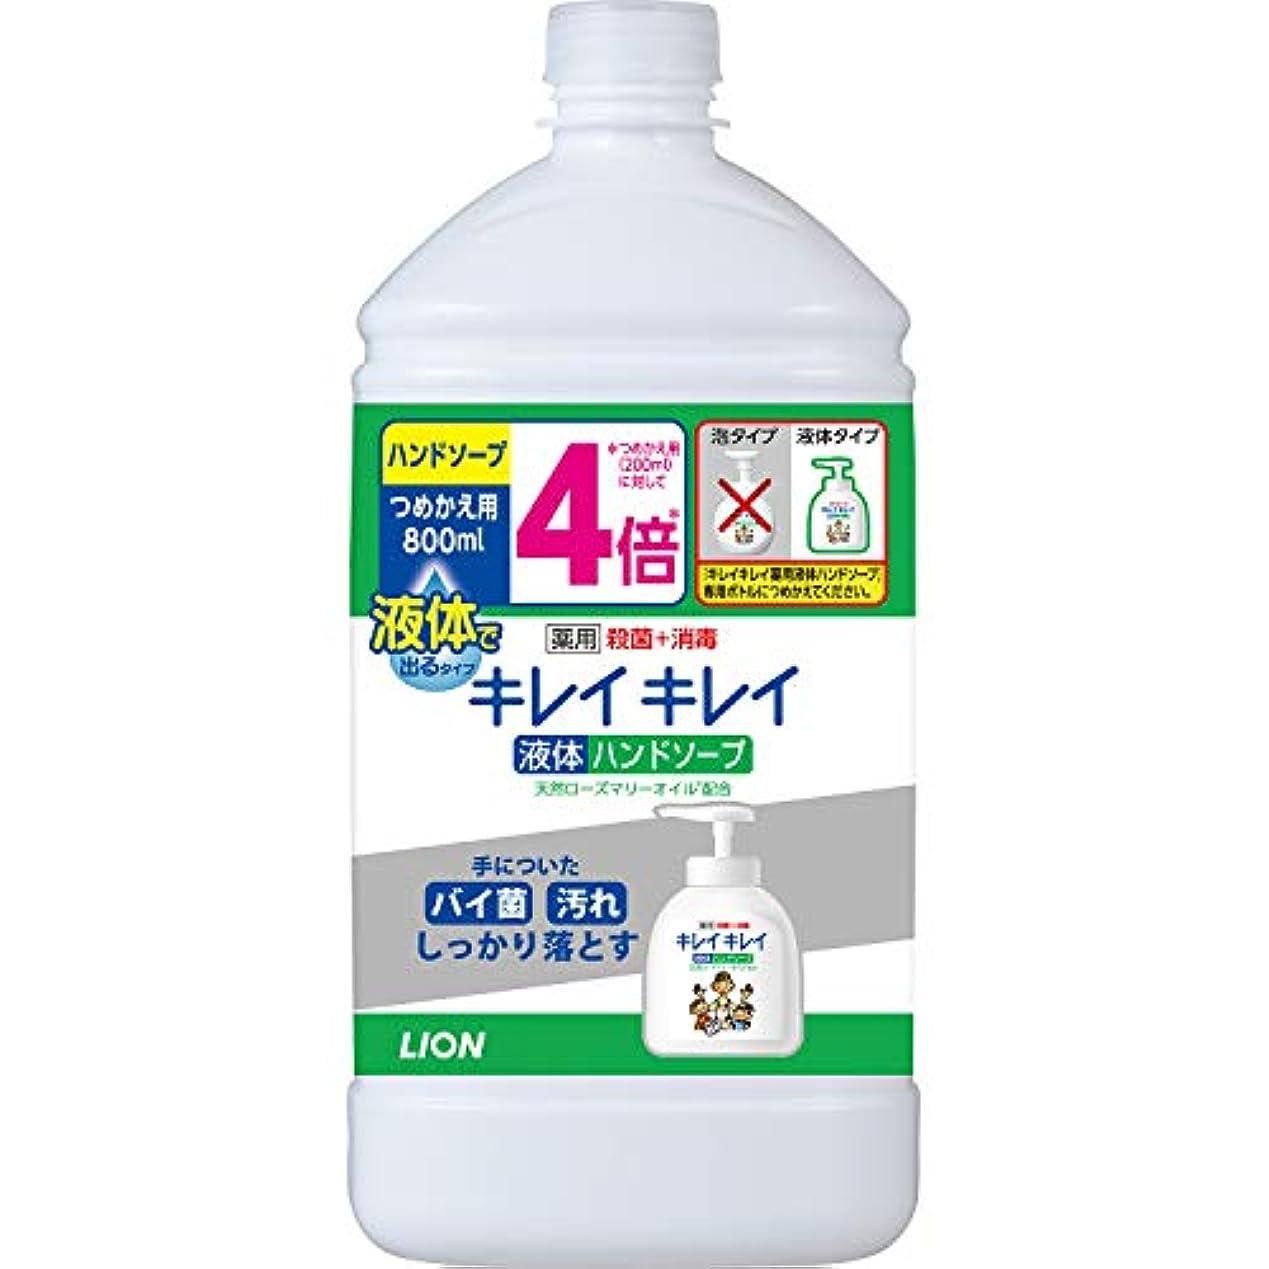 累積パンツコロニー(医薬部外品)【大容量】キレイキレイ 薬用 液体ハンドソープ 詰替特大 800ml